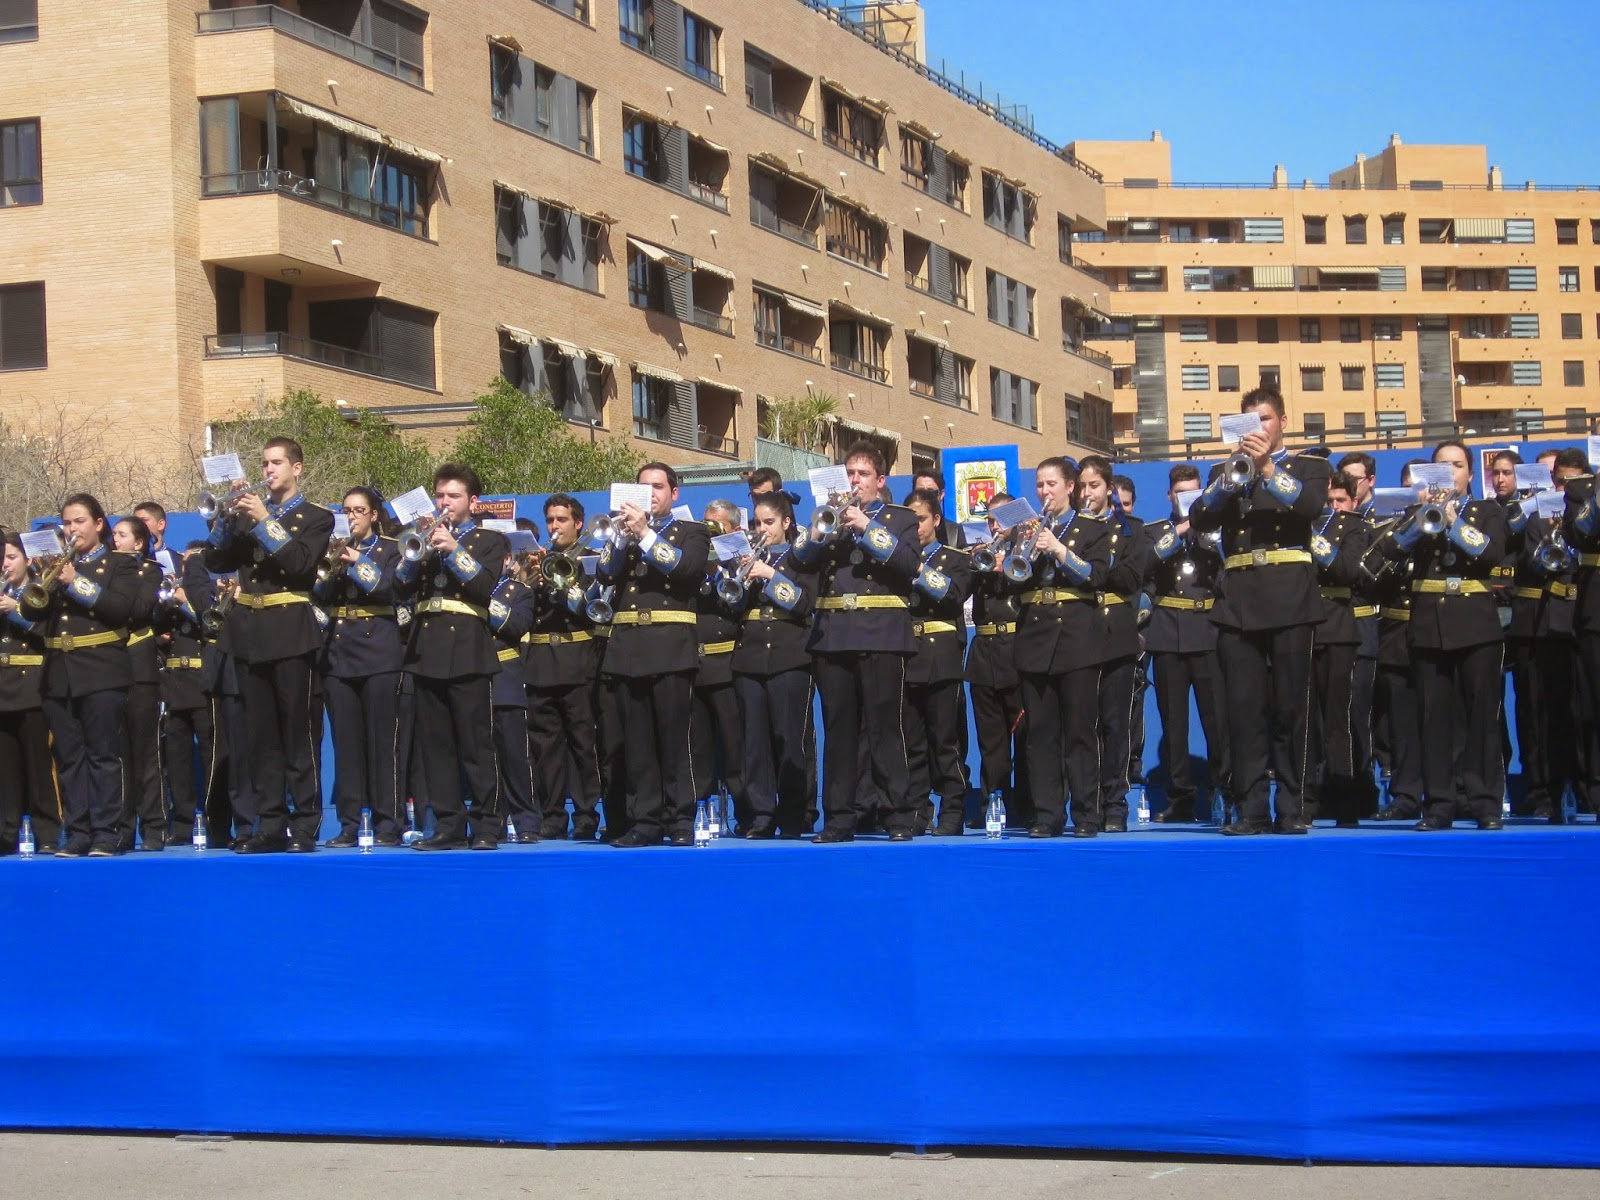 https://www.facebook.com/pages/Costaleros-Cristo-de-las-Penas-Alicante/316963581717511?fref=ts